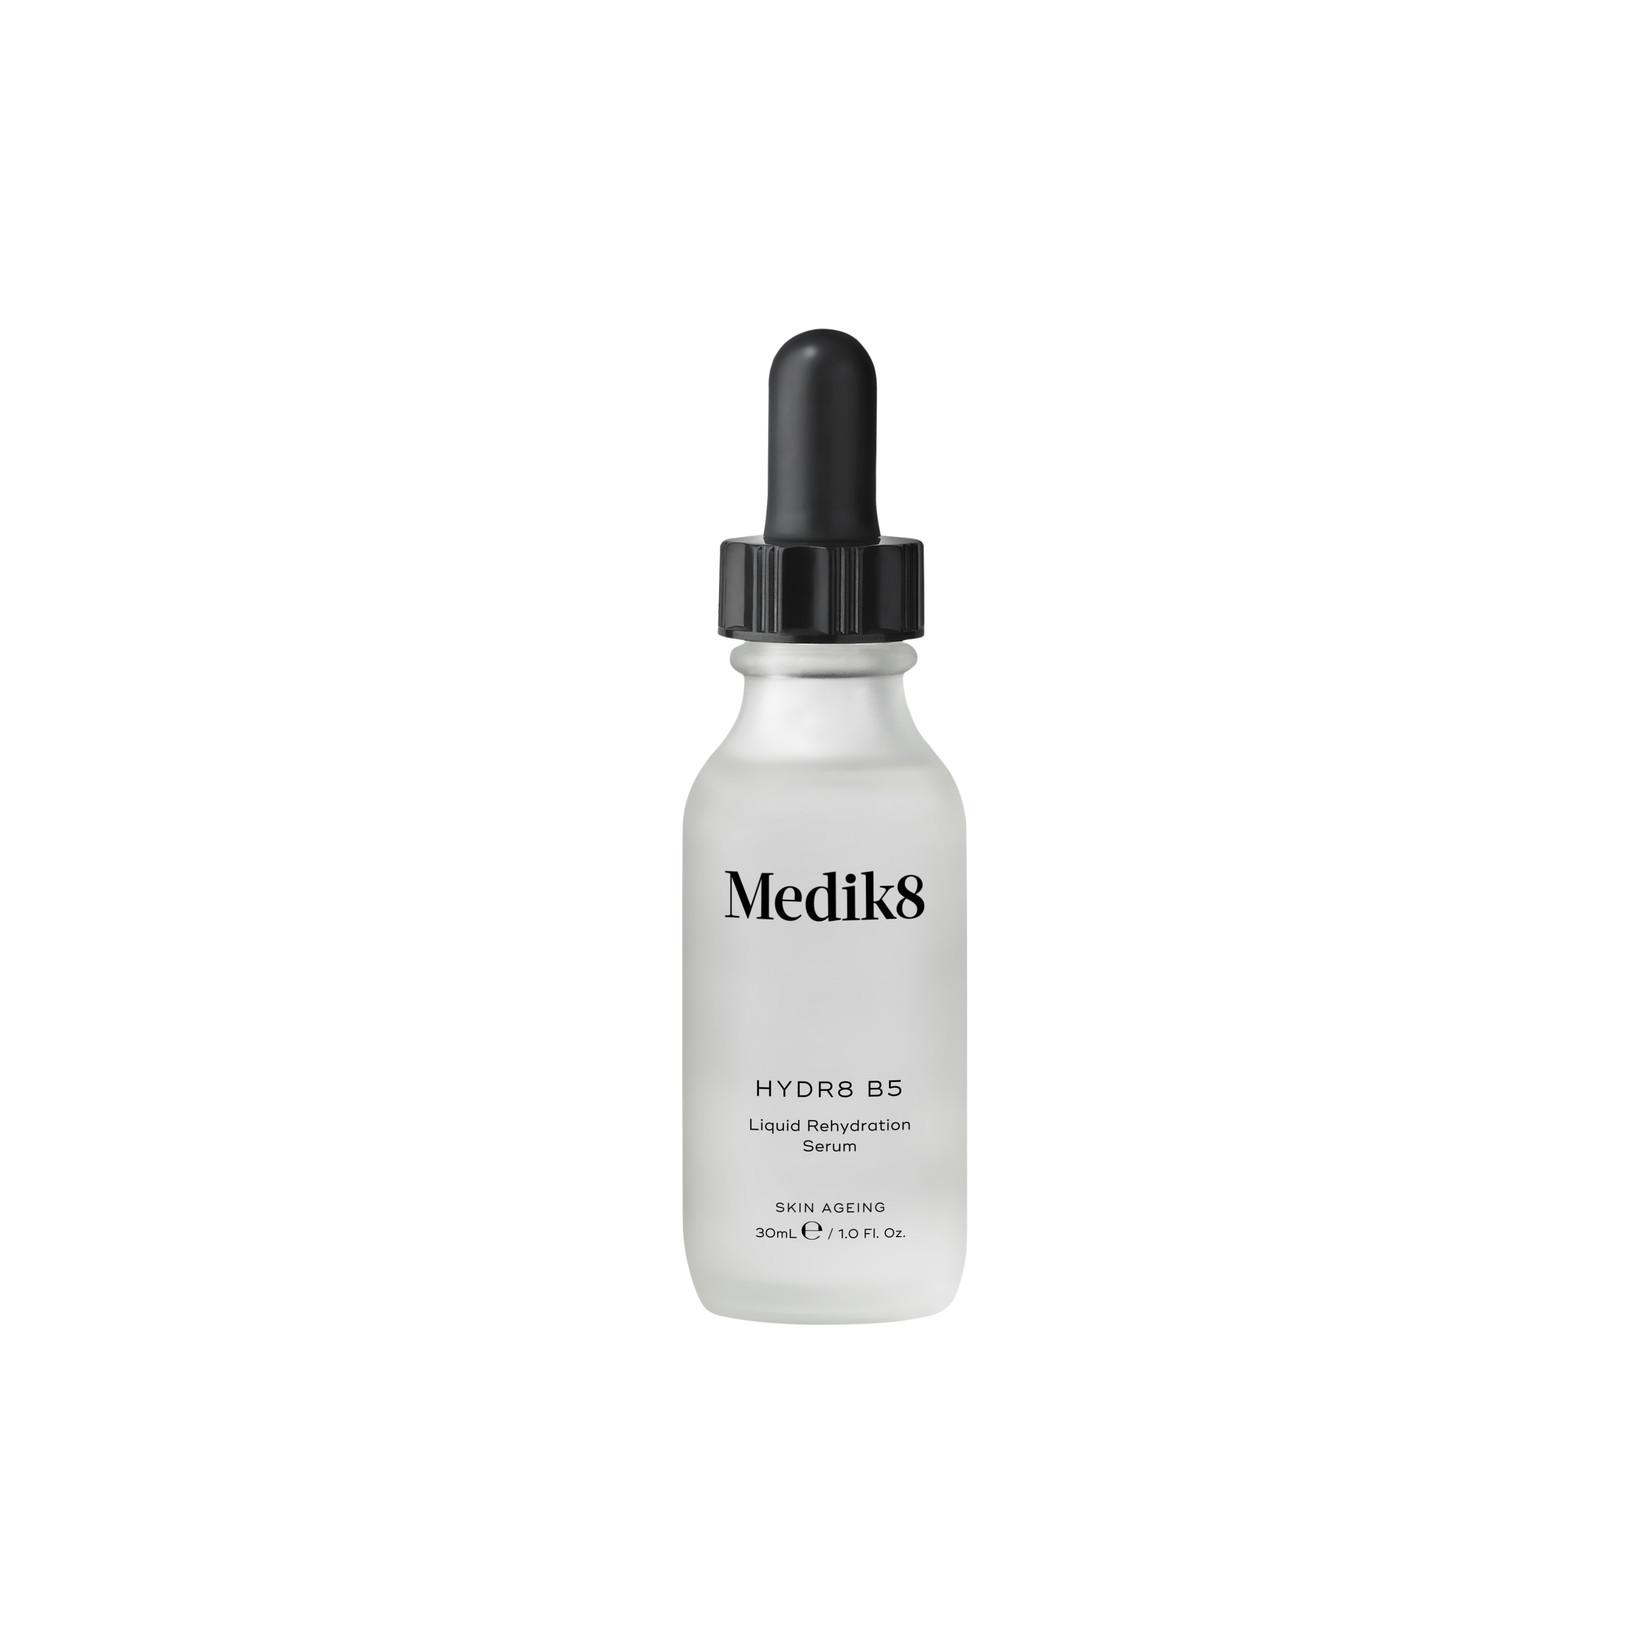 Medik8 Medik8 Hydr8 B5 serum